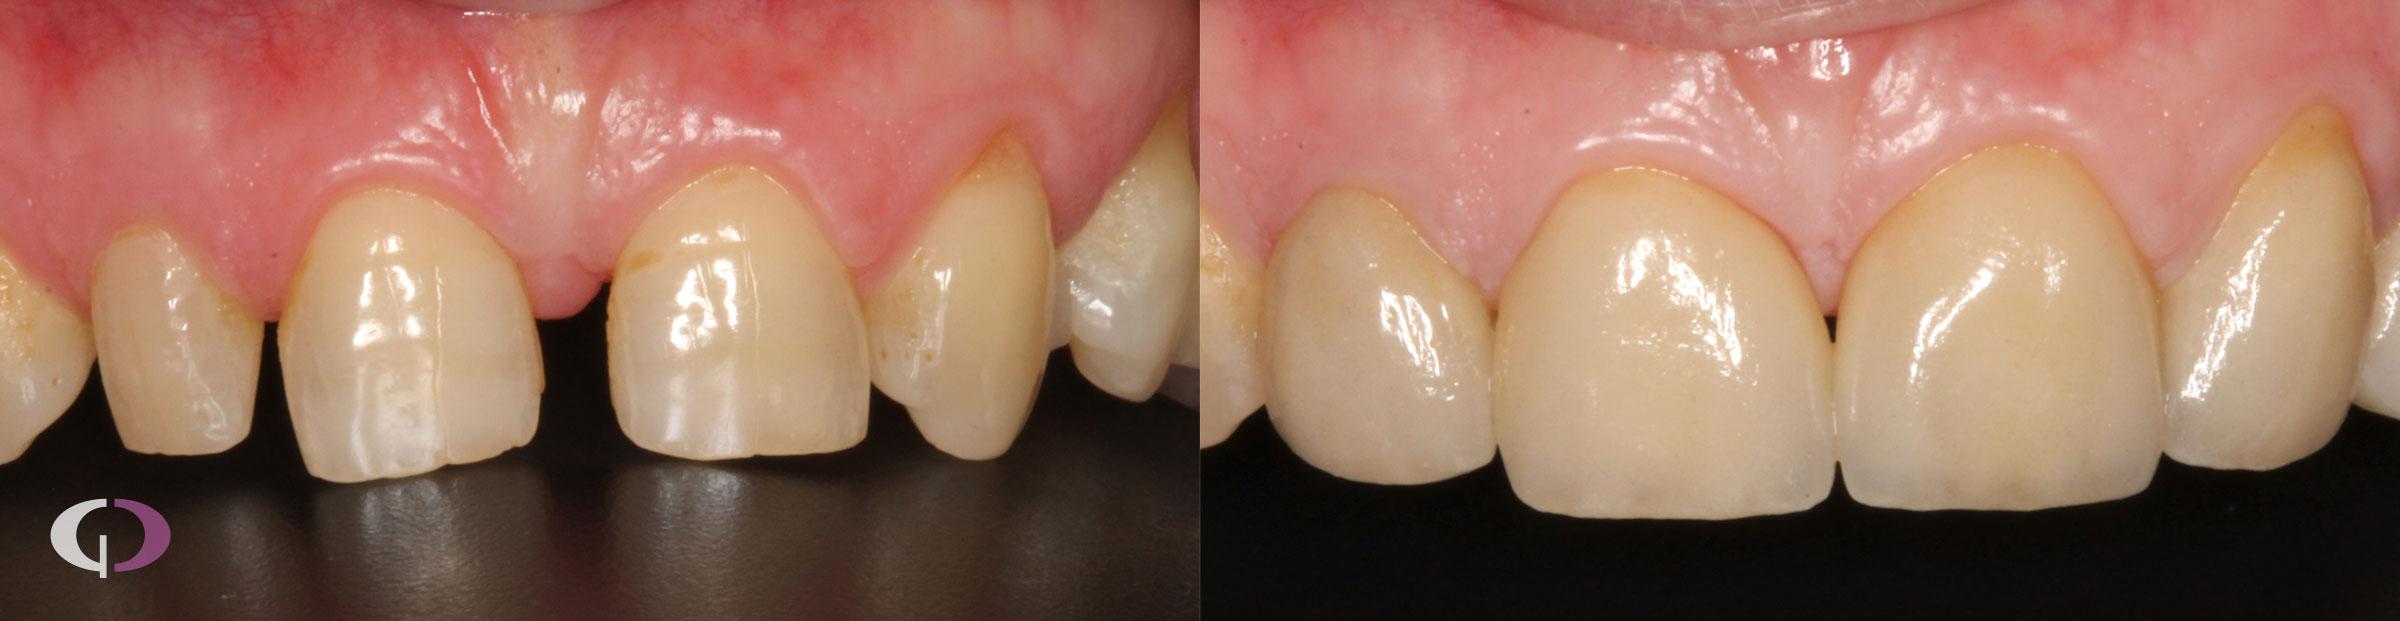 Antes y después tratamiento coronas de porcelana